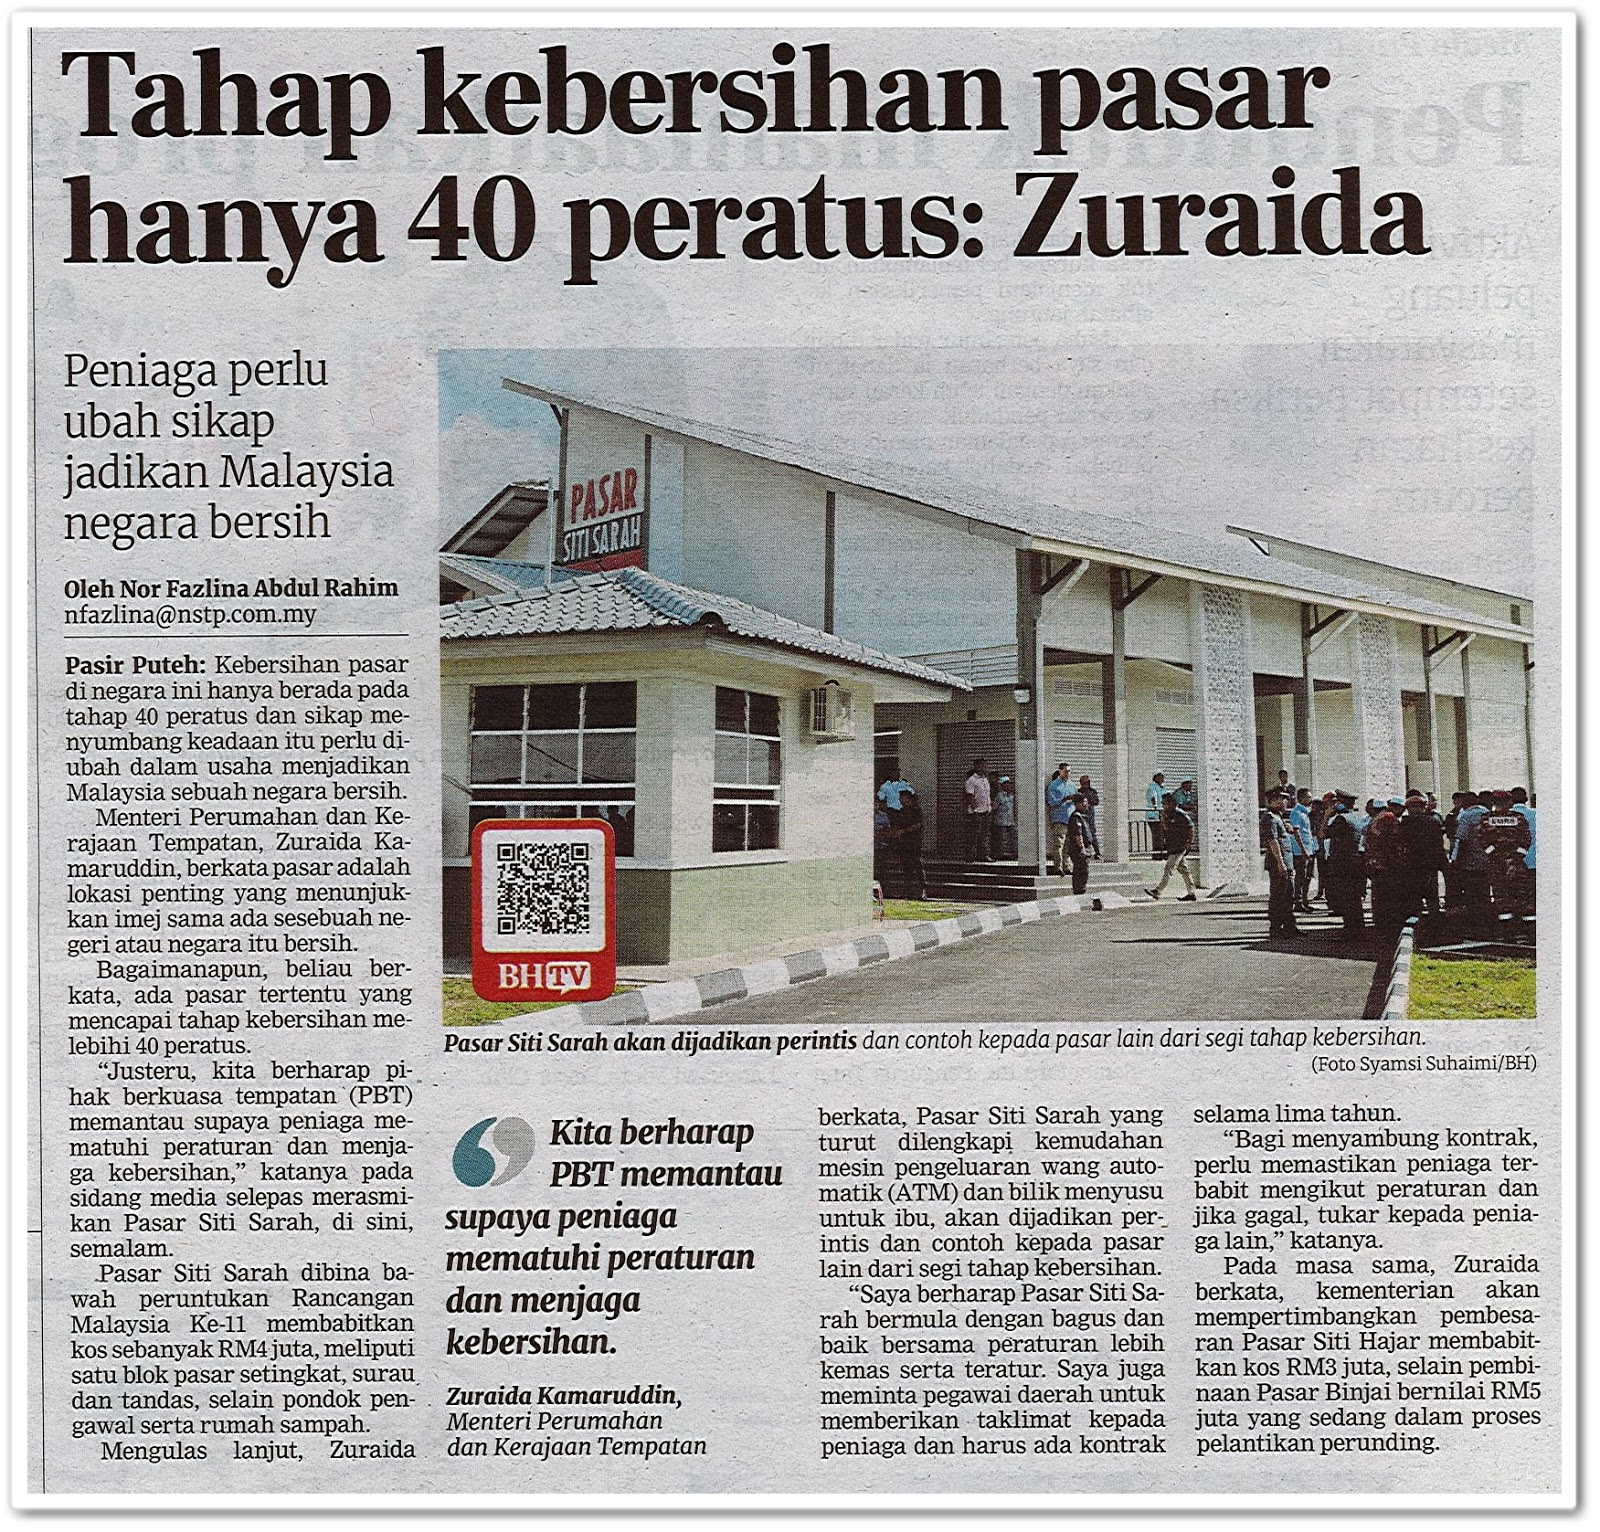 Tahap kebersihan pasar hanya 40 peratus: Zuraida - Keratan akhbar Berita Harian 15 Februari 2020